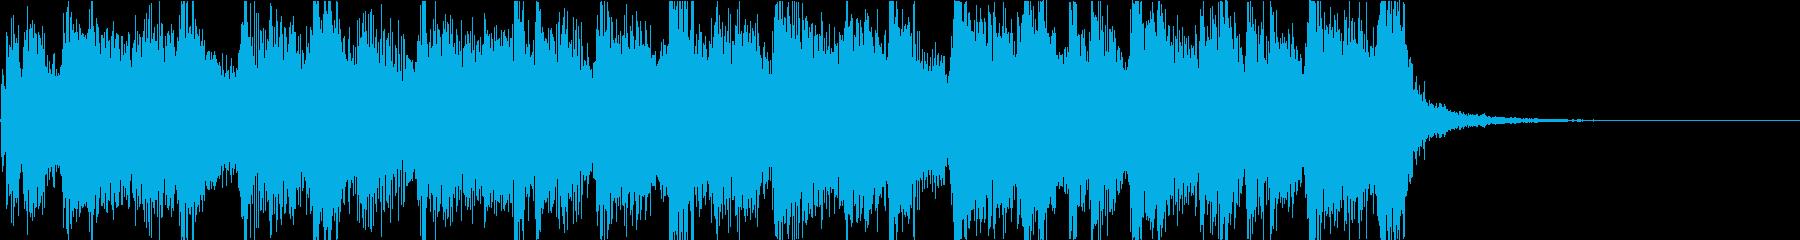 キャッチーでテクノなジングルの再生済みの波形